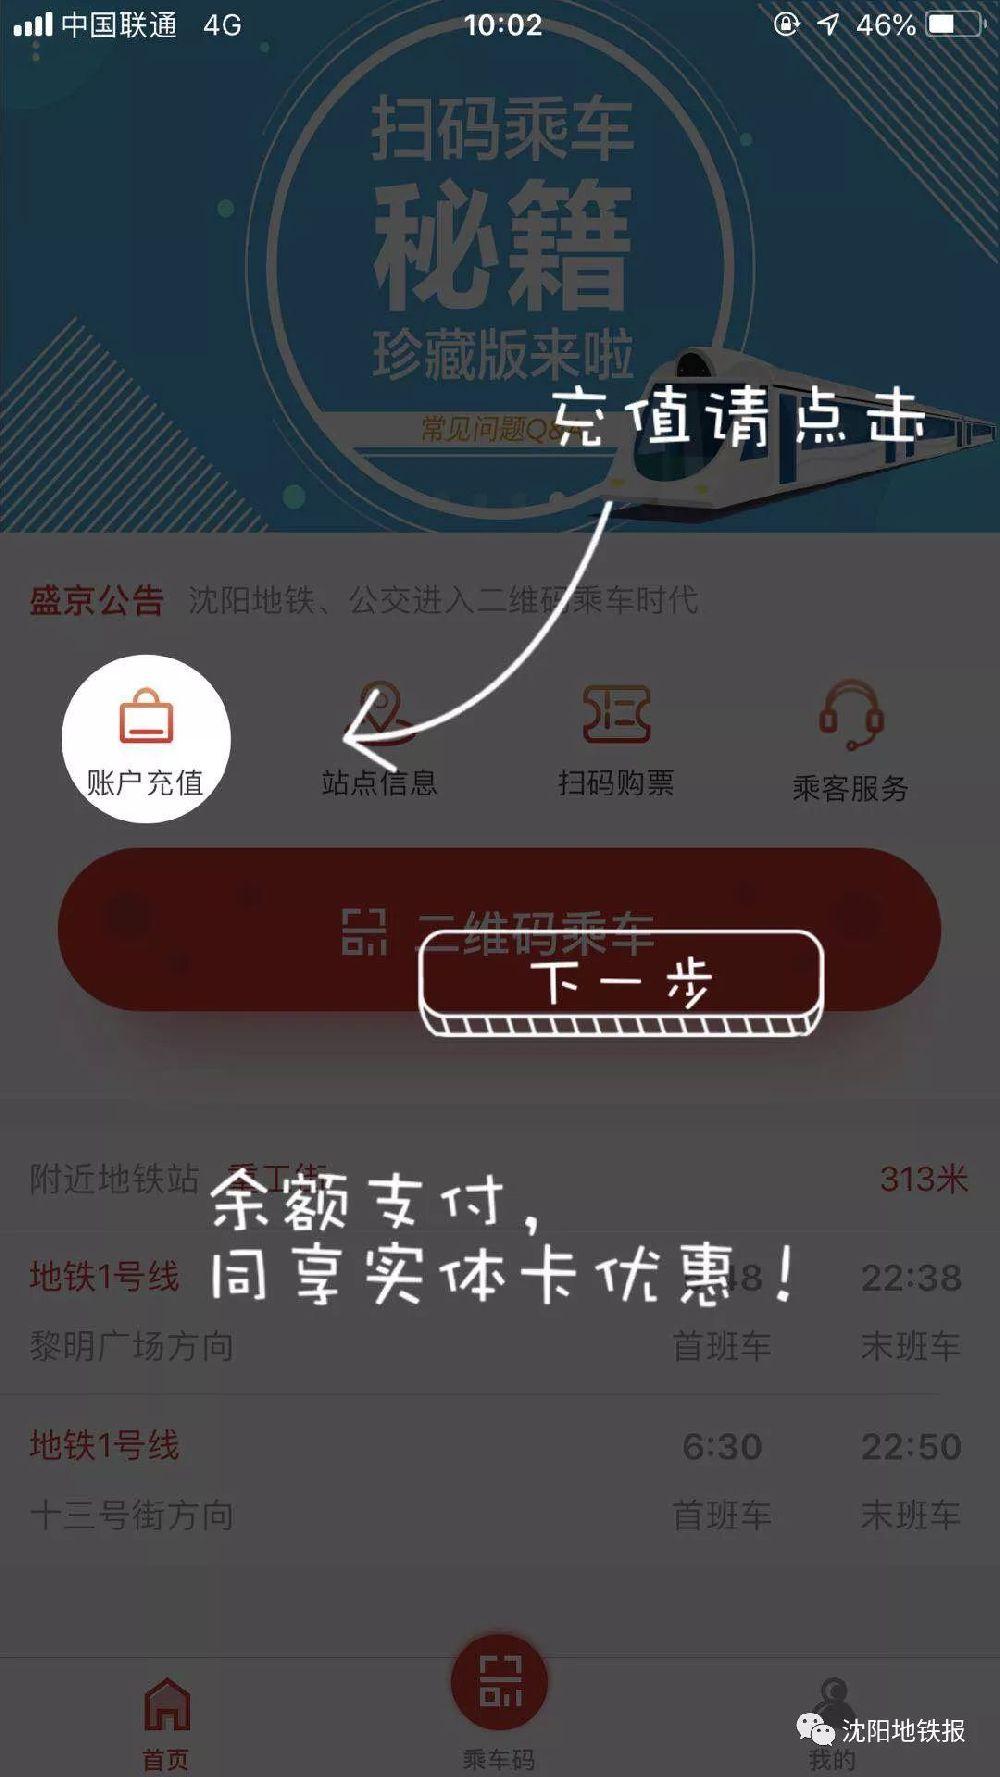 沈阳地铁扫码乘车操作指南